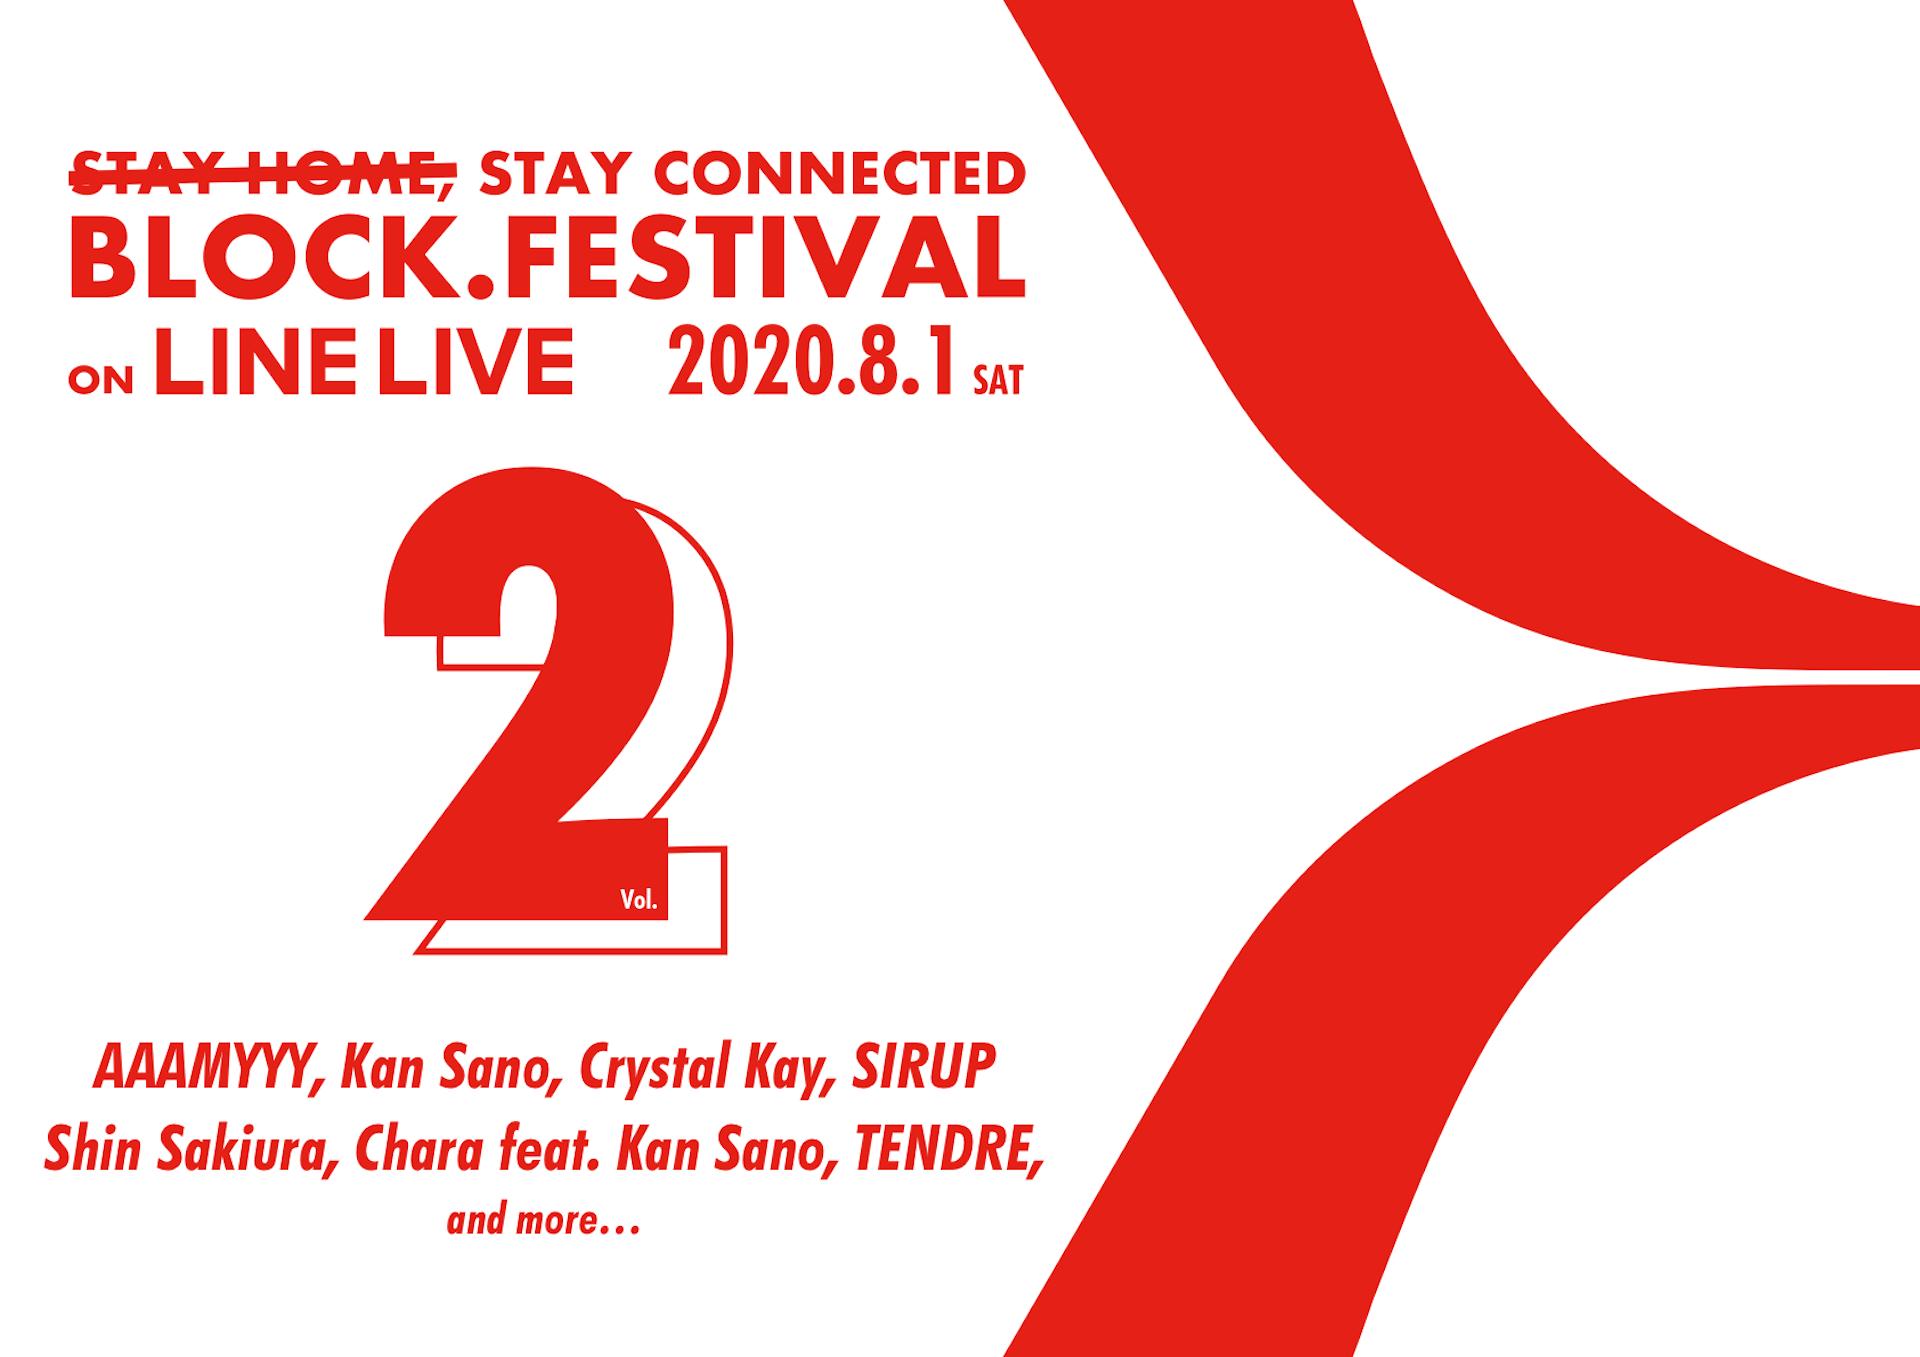 オンライン夏フェス<BLOCK.FESTIVAL>Vol.2の第1弾ラインナップが発表!Crystal Kay、Shin Sakiura、Chara、SIRUPら7組 music200709_block_fes_3-1920x1357